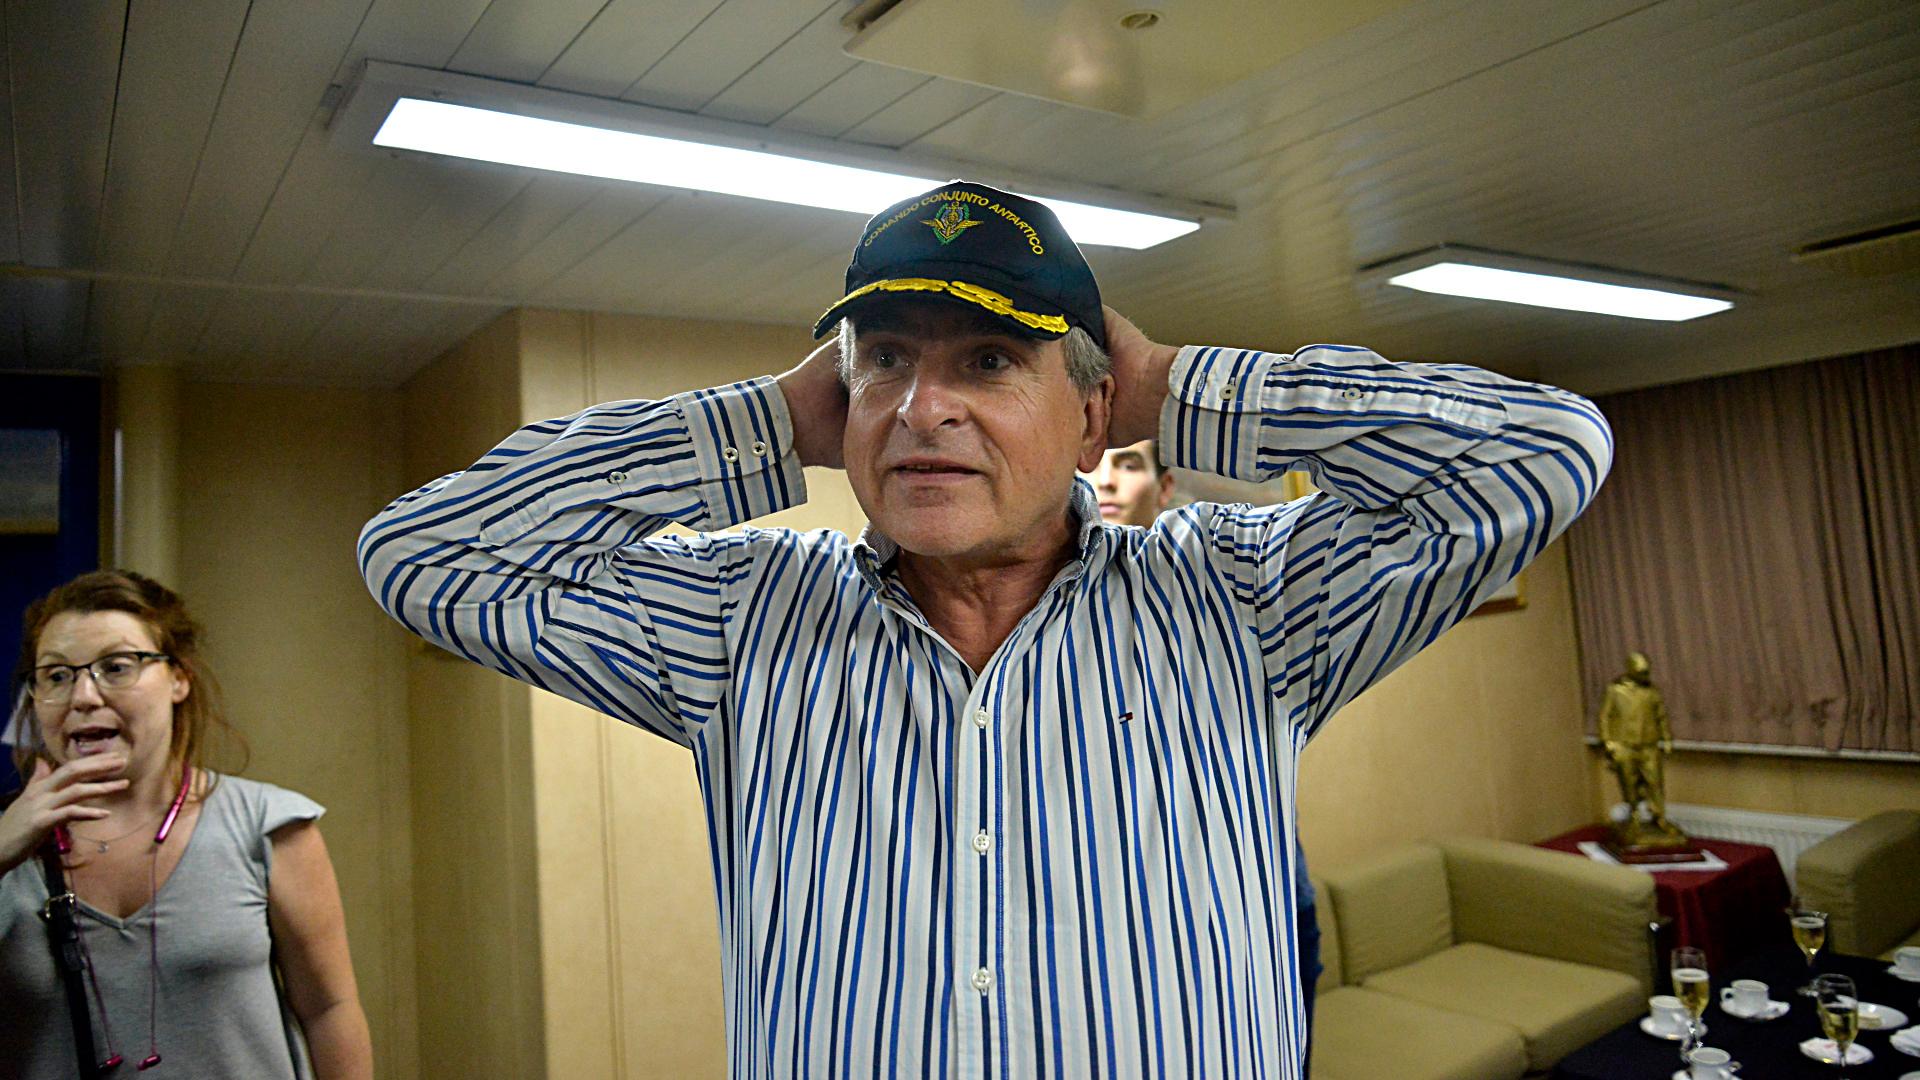 El ministro de Defensa, Agustín Rossi, probándose la gorra de capitán